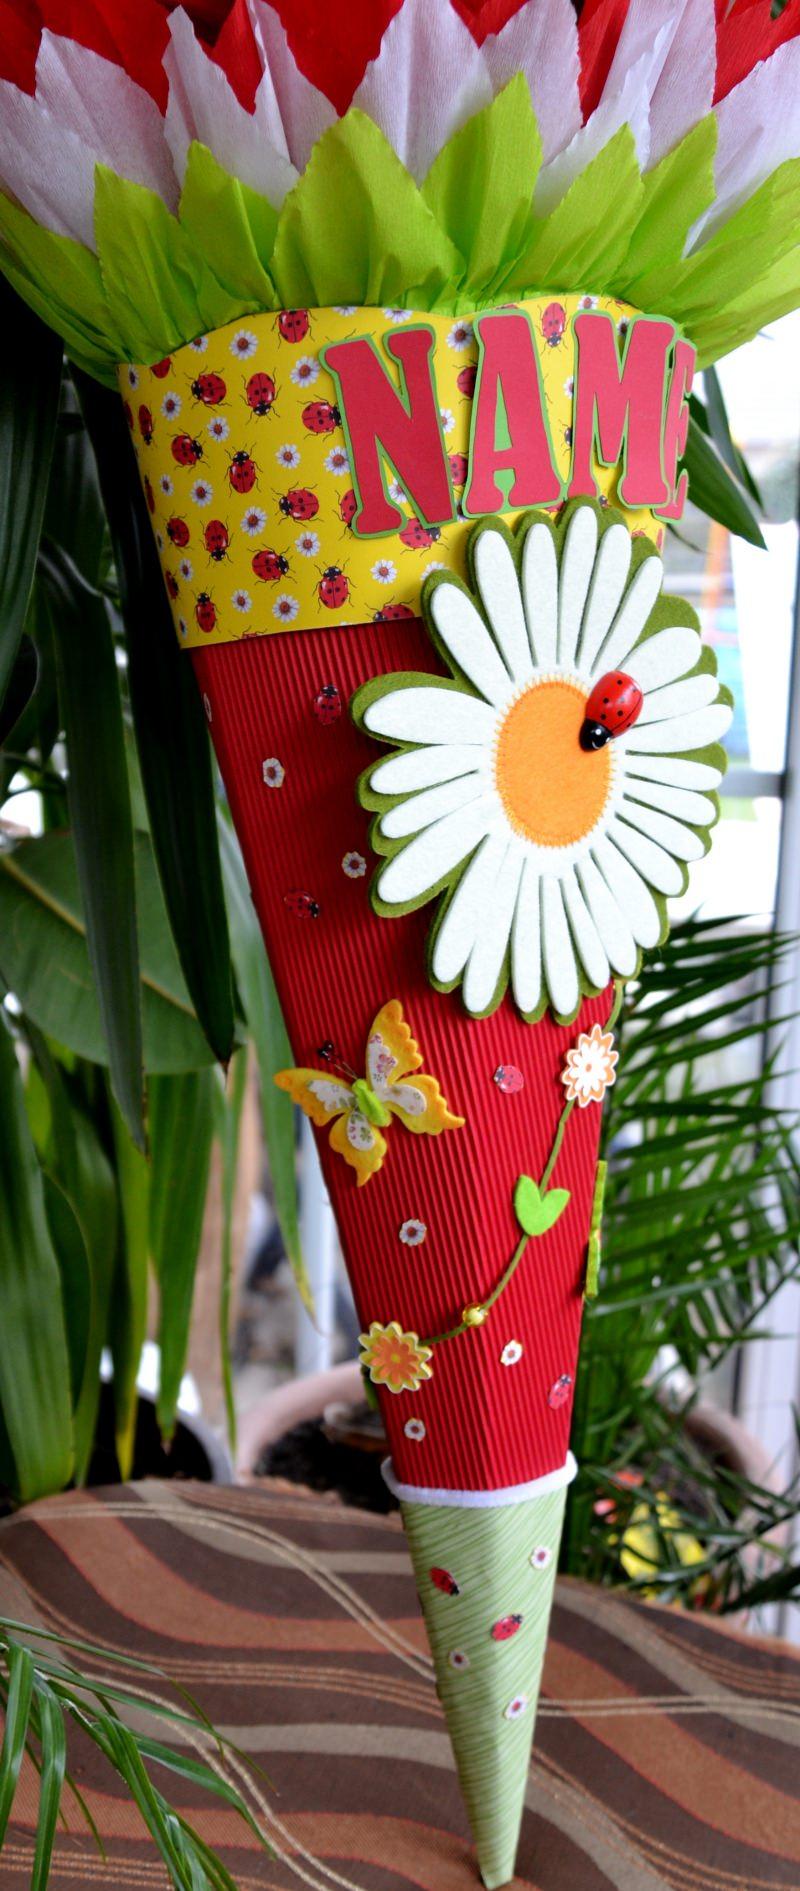 Kleinesbild - Schultüte Zuckertüte Marienkäfer neu Einschulung Blume Schmetterling Rohling 68